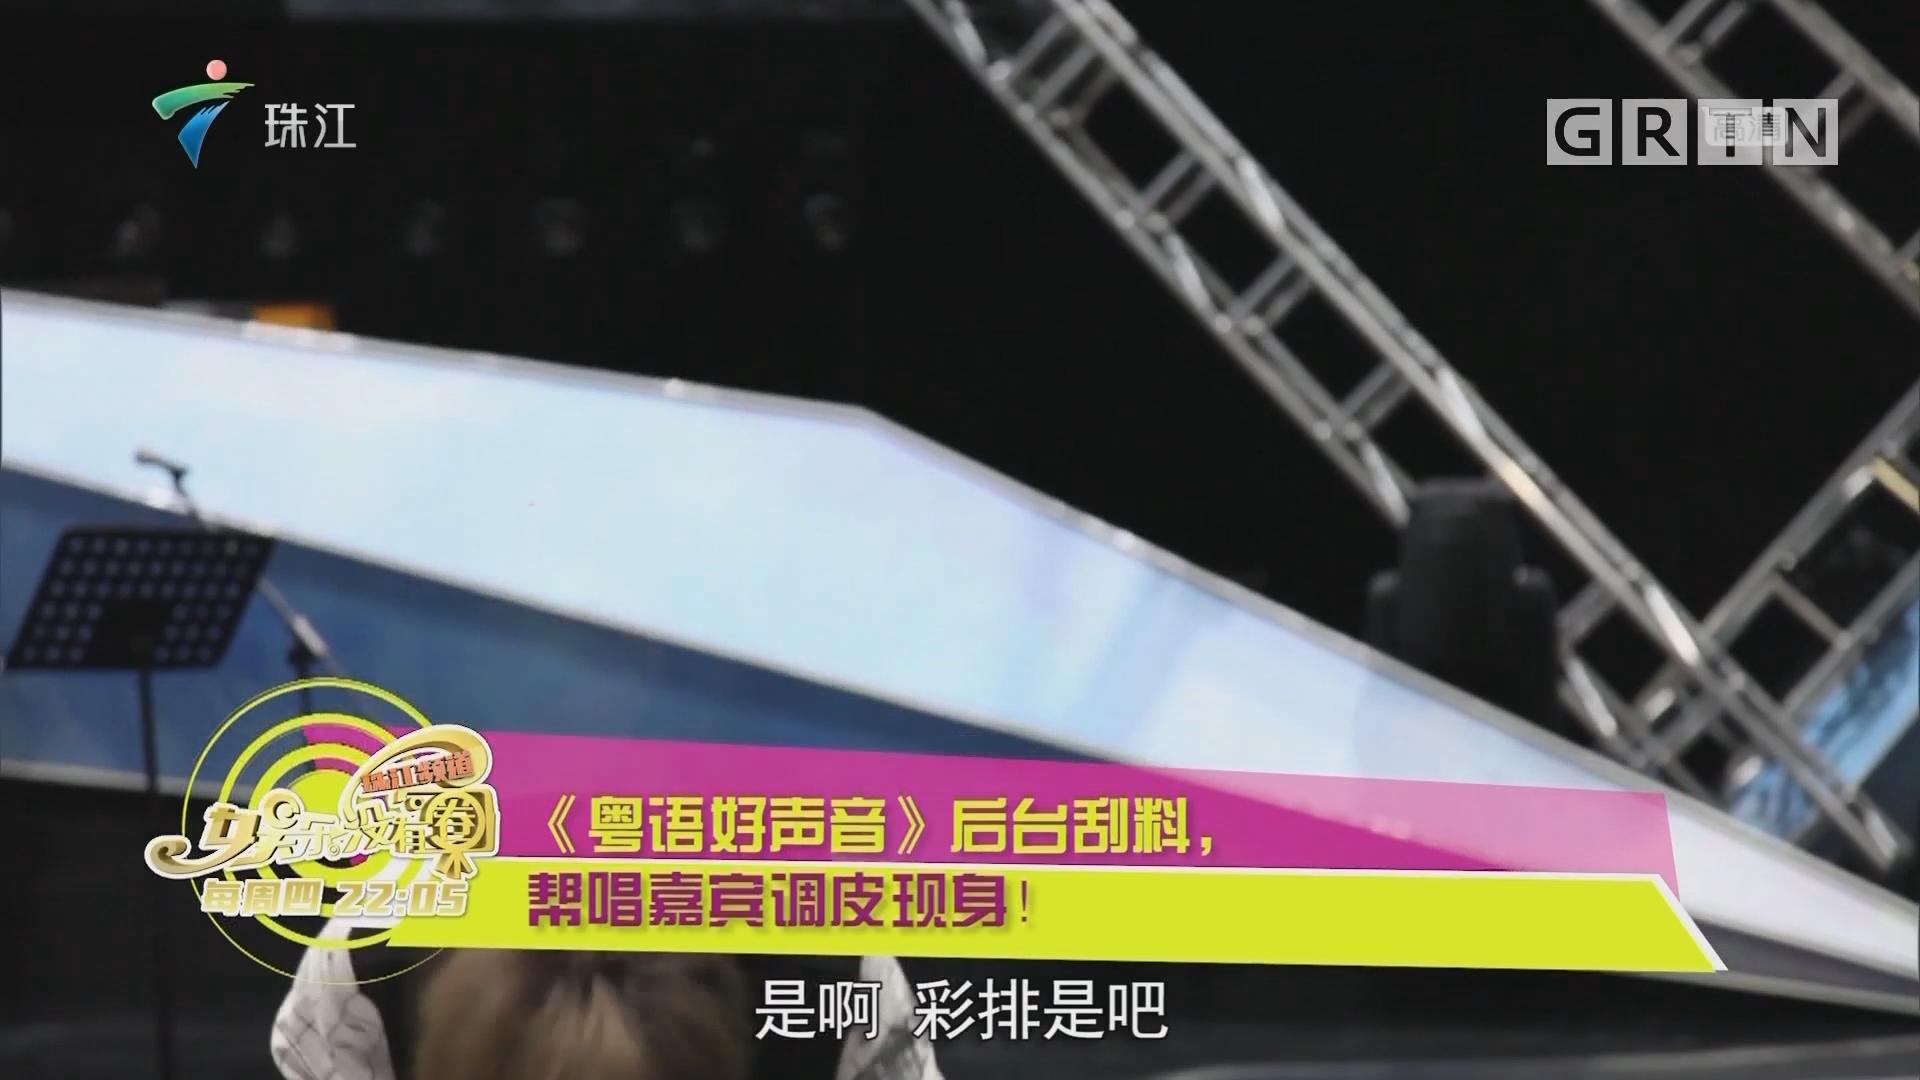 《粤语好声音》后台刮料,帮唱嘉宾调皮现身!